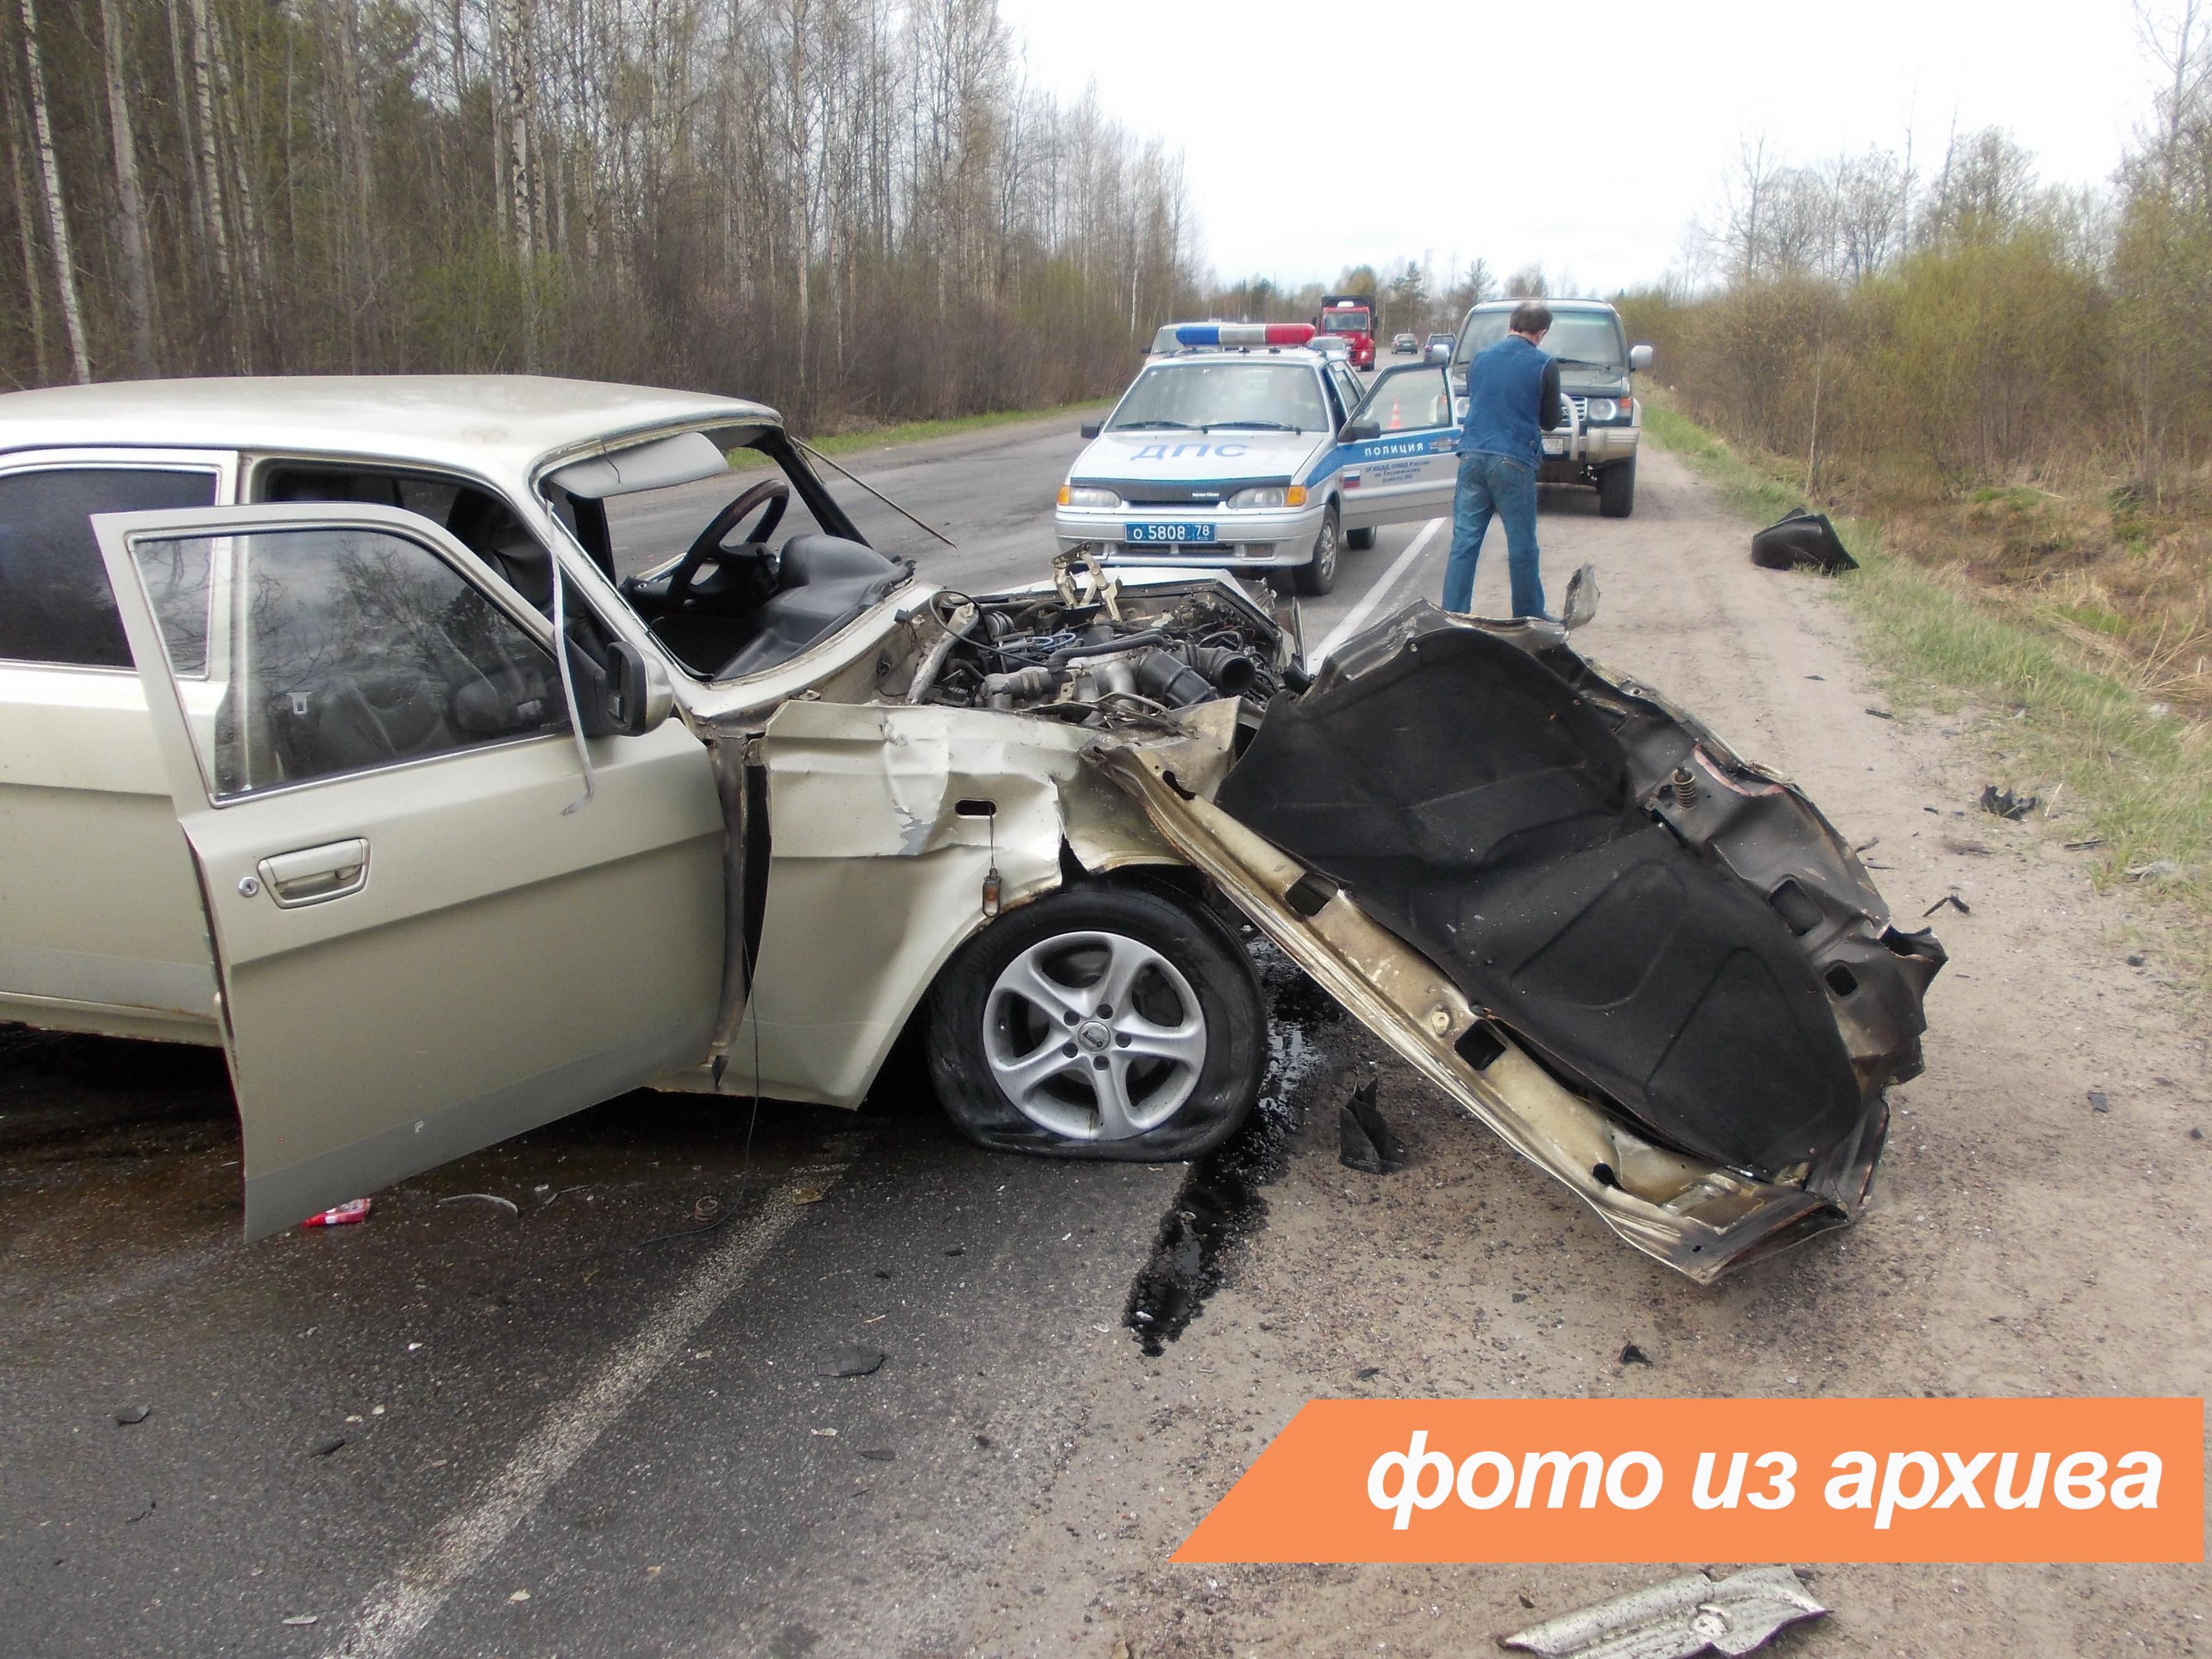 Спасатели Ленинградской области приняли участие в ликвидации последствий ДТП в Тосненском районе